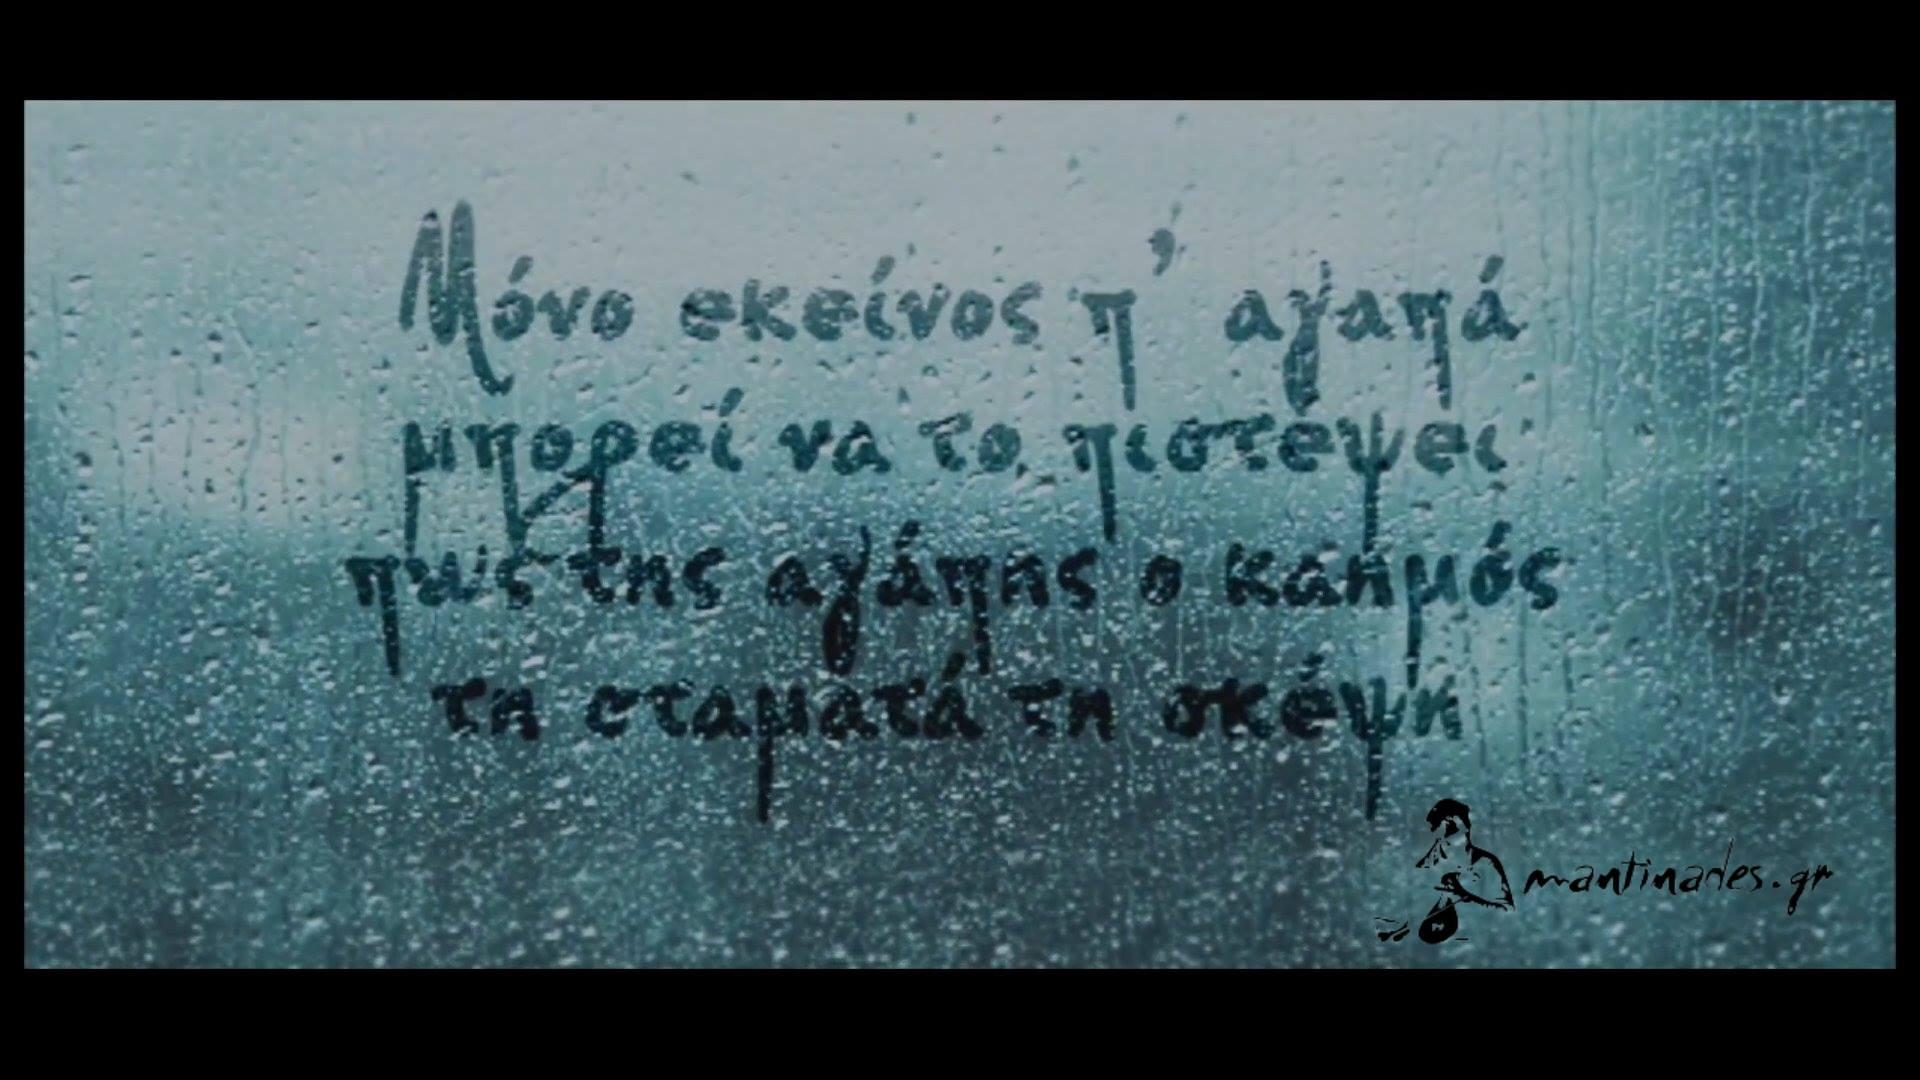 Φωτομαντινάδα: Μόνο εκείνος π'αγαπά | Φωτομαντινάδες | Κρήτη & Κρητικοί